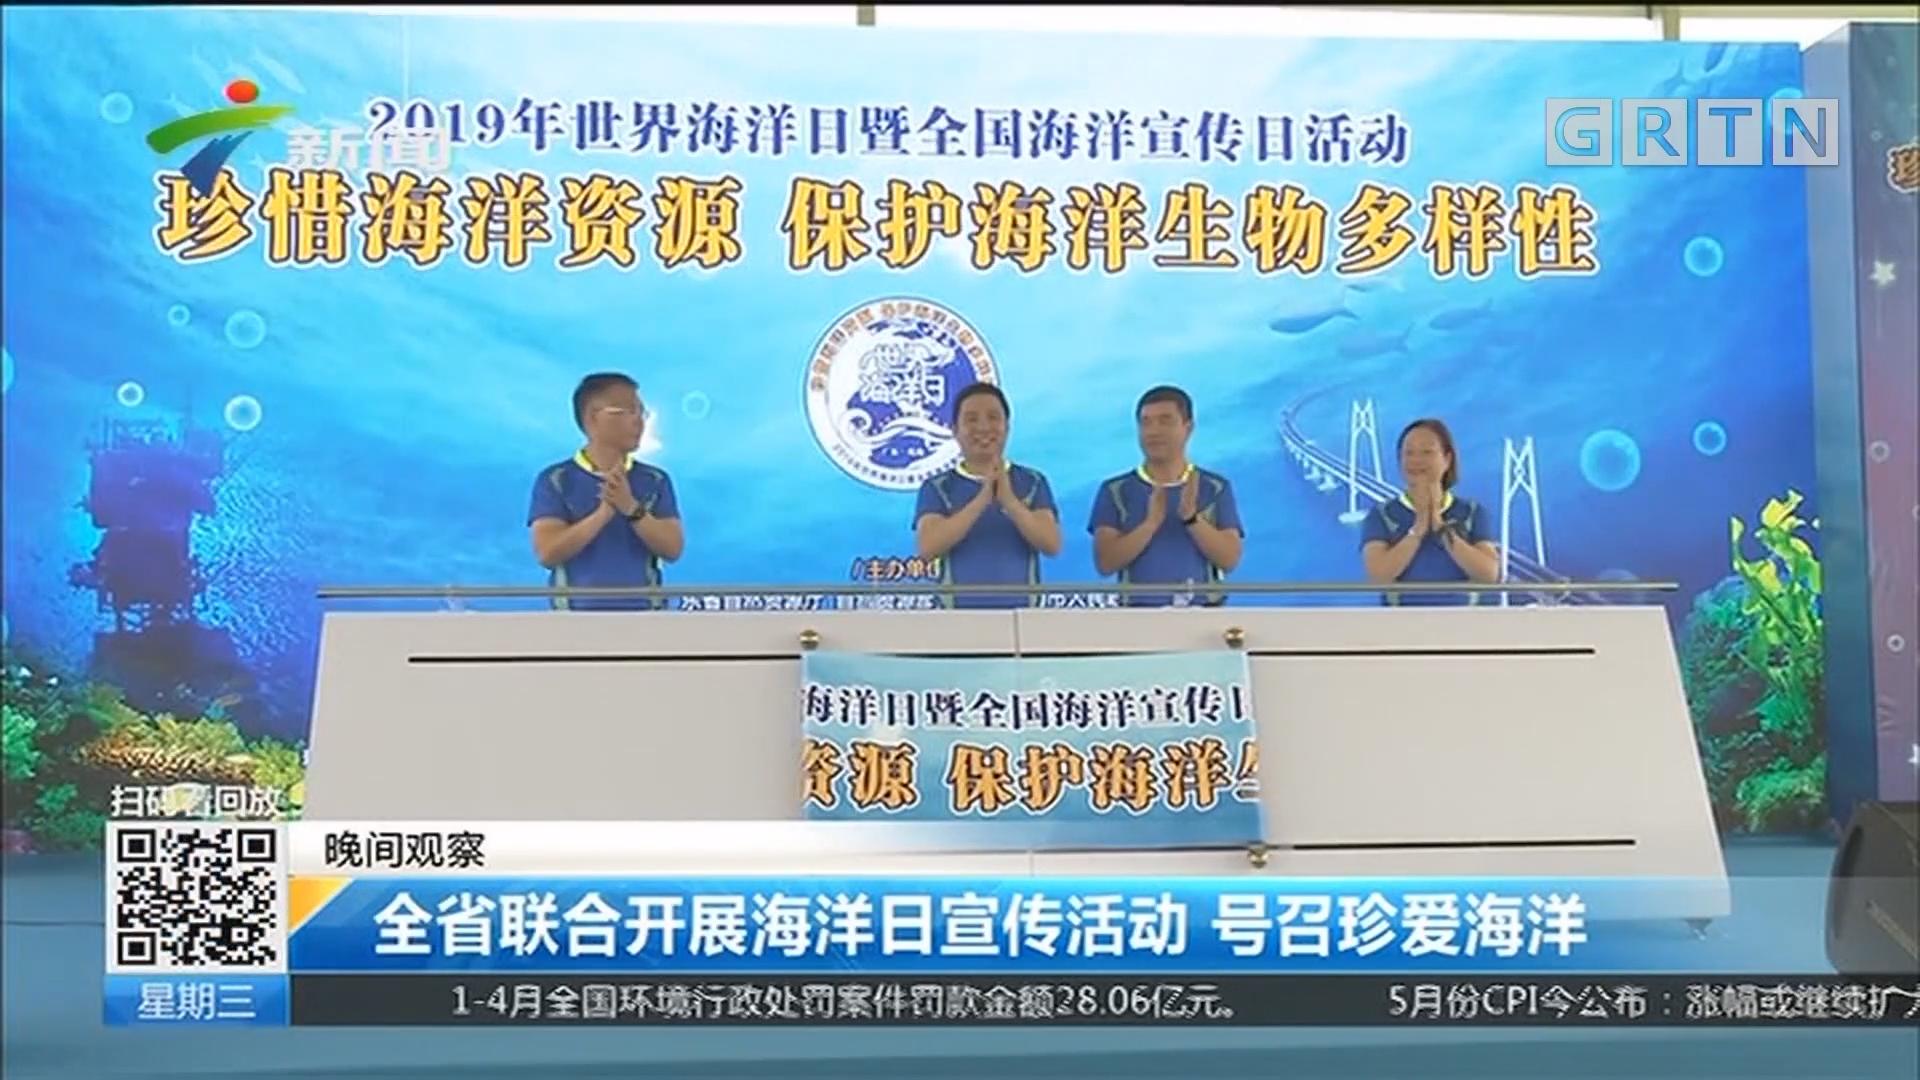 全省联合开展海洋日宣传活动 号召珍爱海洋